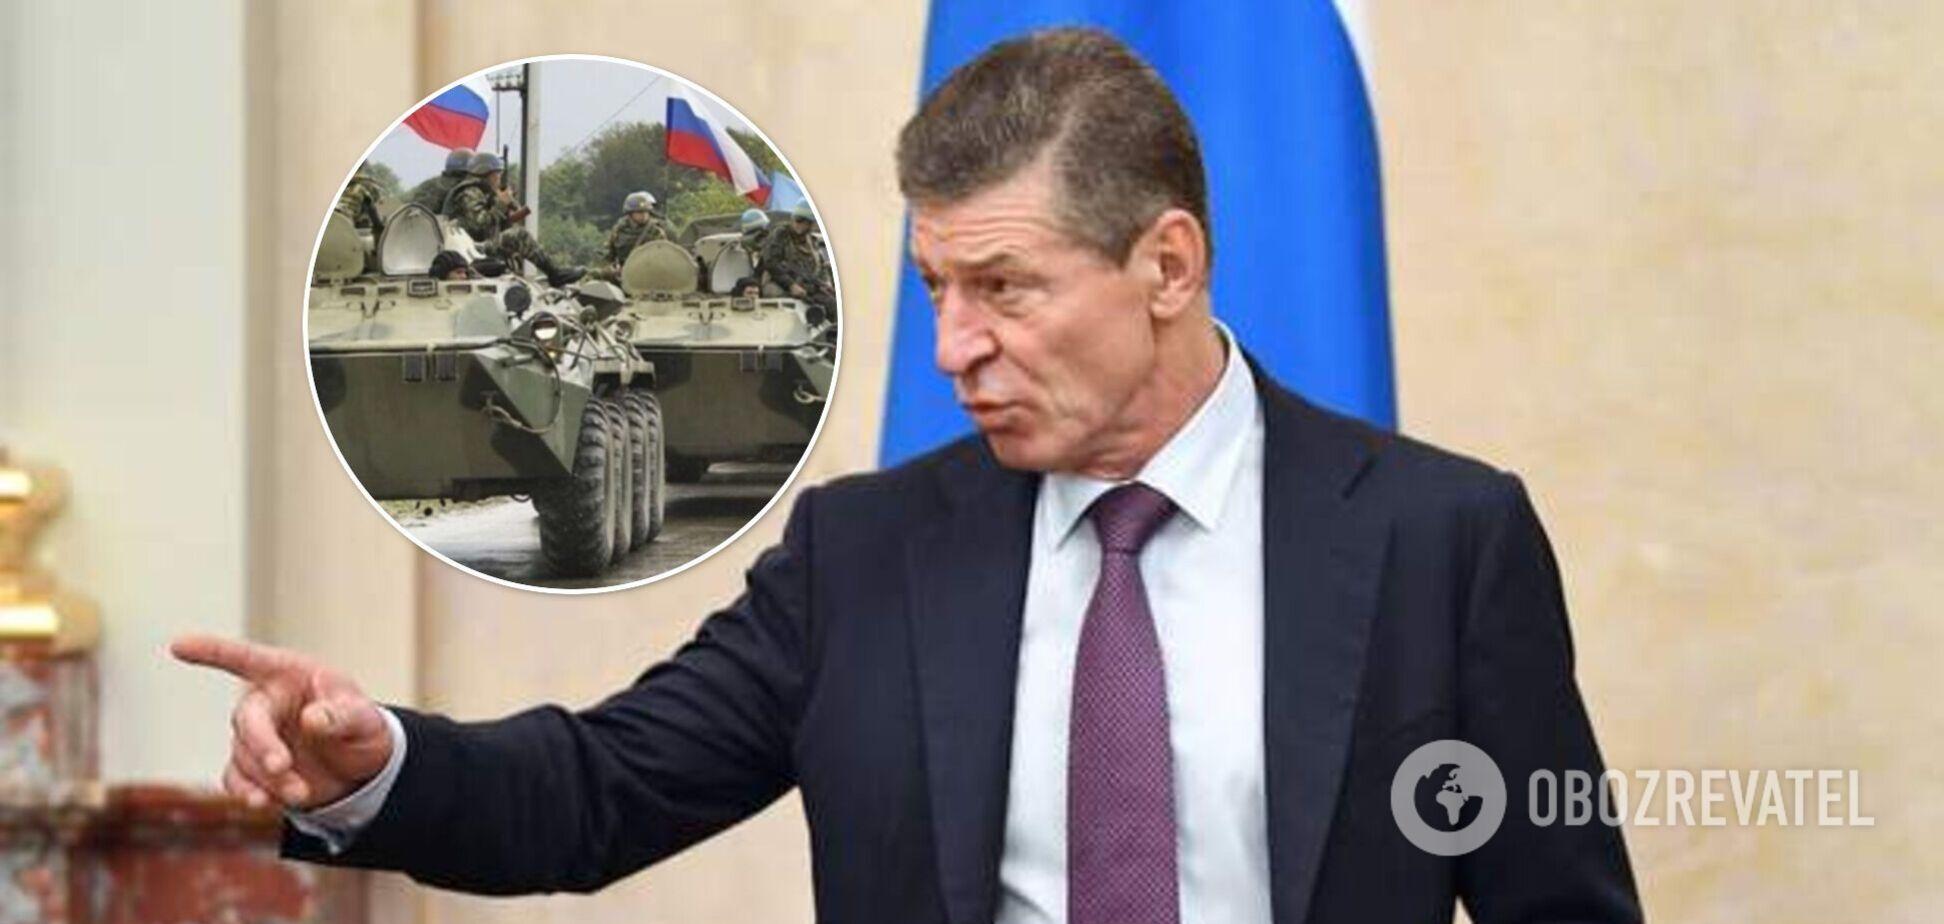 У Путина пригрозили Украине наступлением на Донбассе, если Киев пойдет на отвоевывание своих территорий